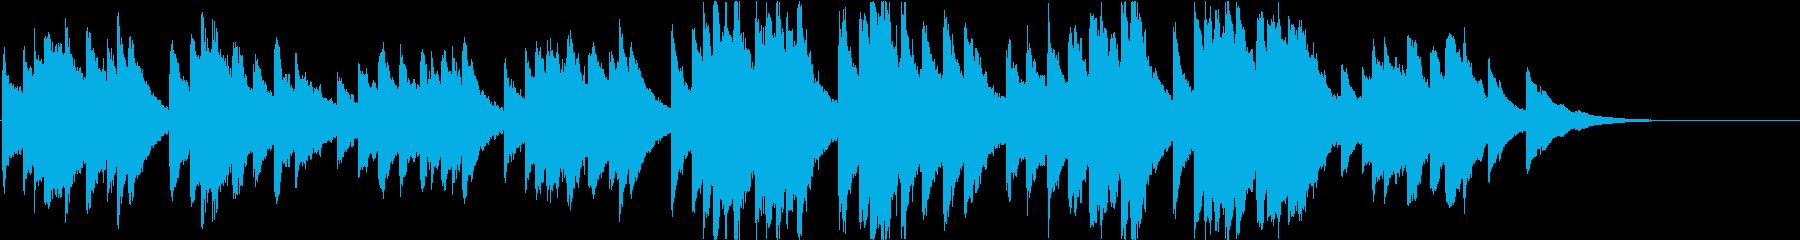 時報・チャイム風の名曲のメロディ・15の再生済みの波形